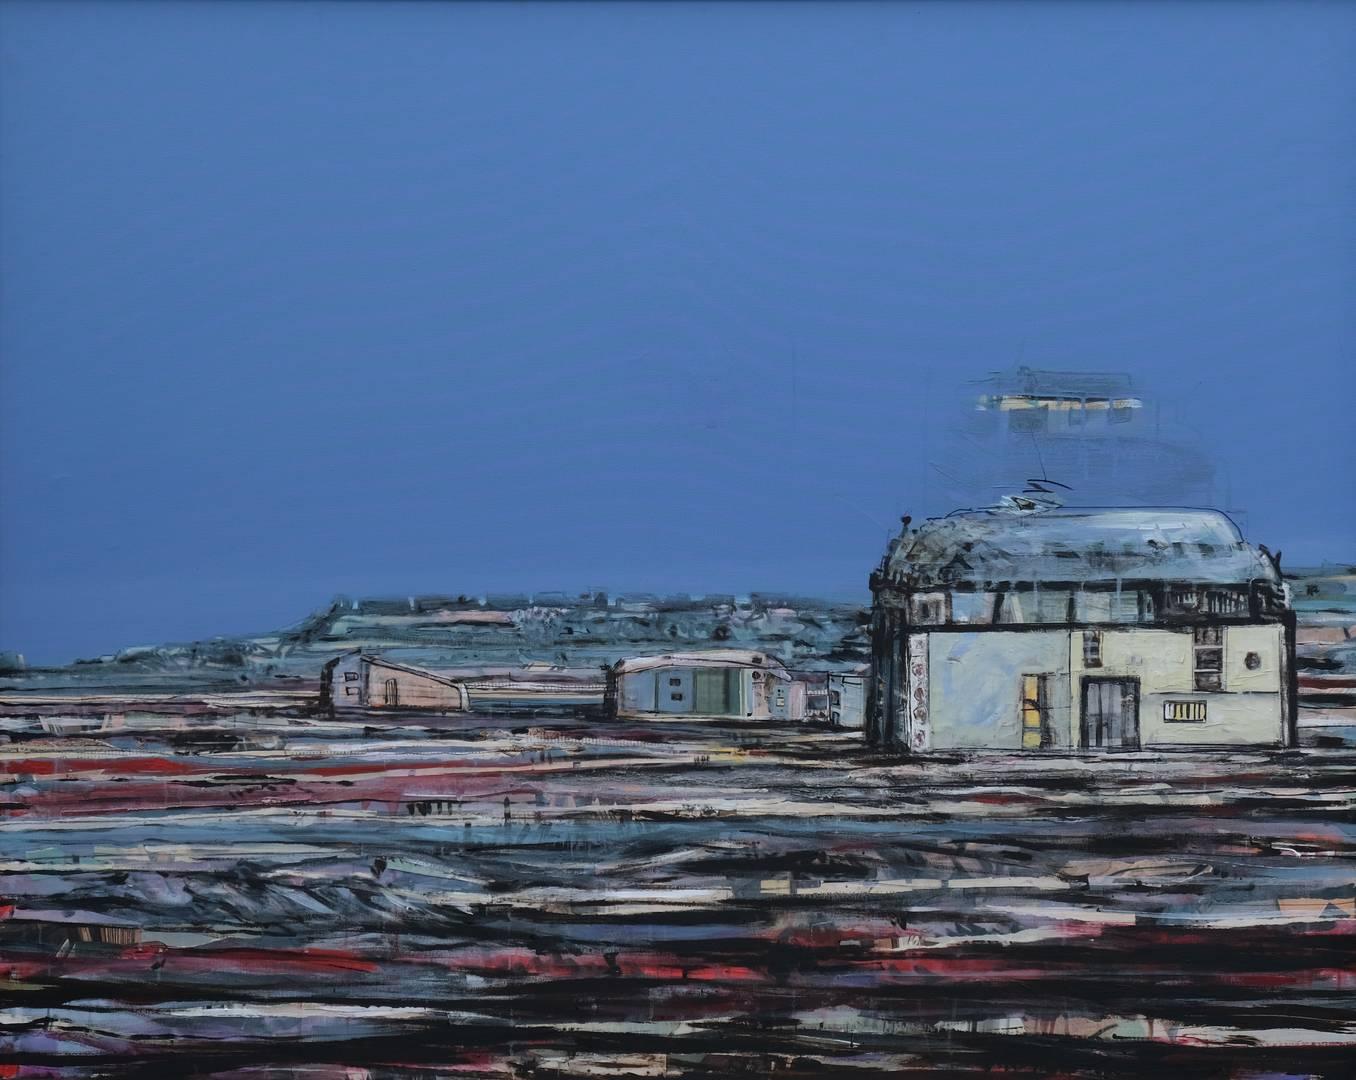 Sait Toprak, Xweza serisinden, 120x150 cm, Tuval üzerine karışık teknik, 2008